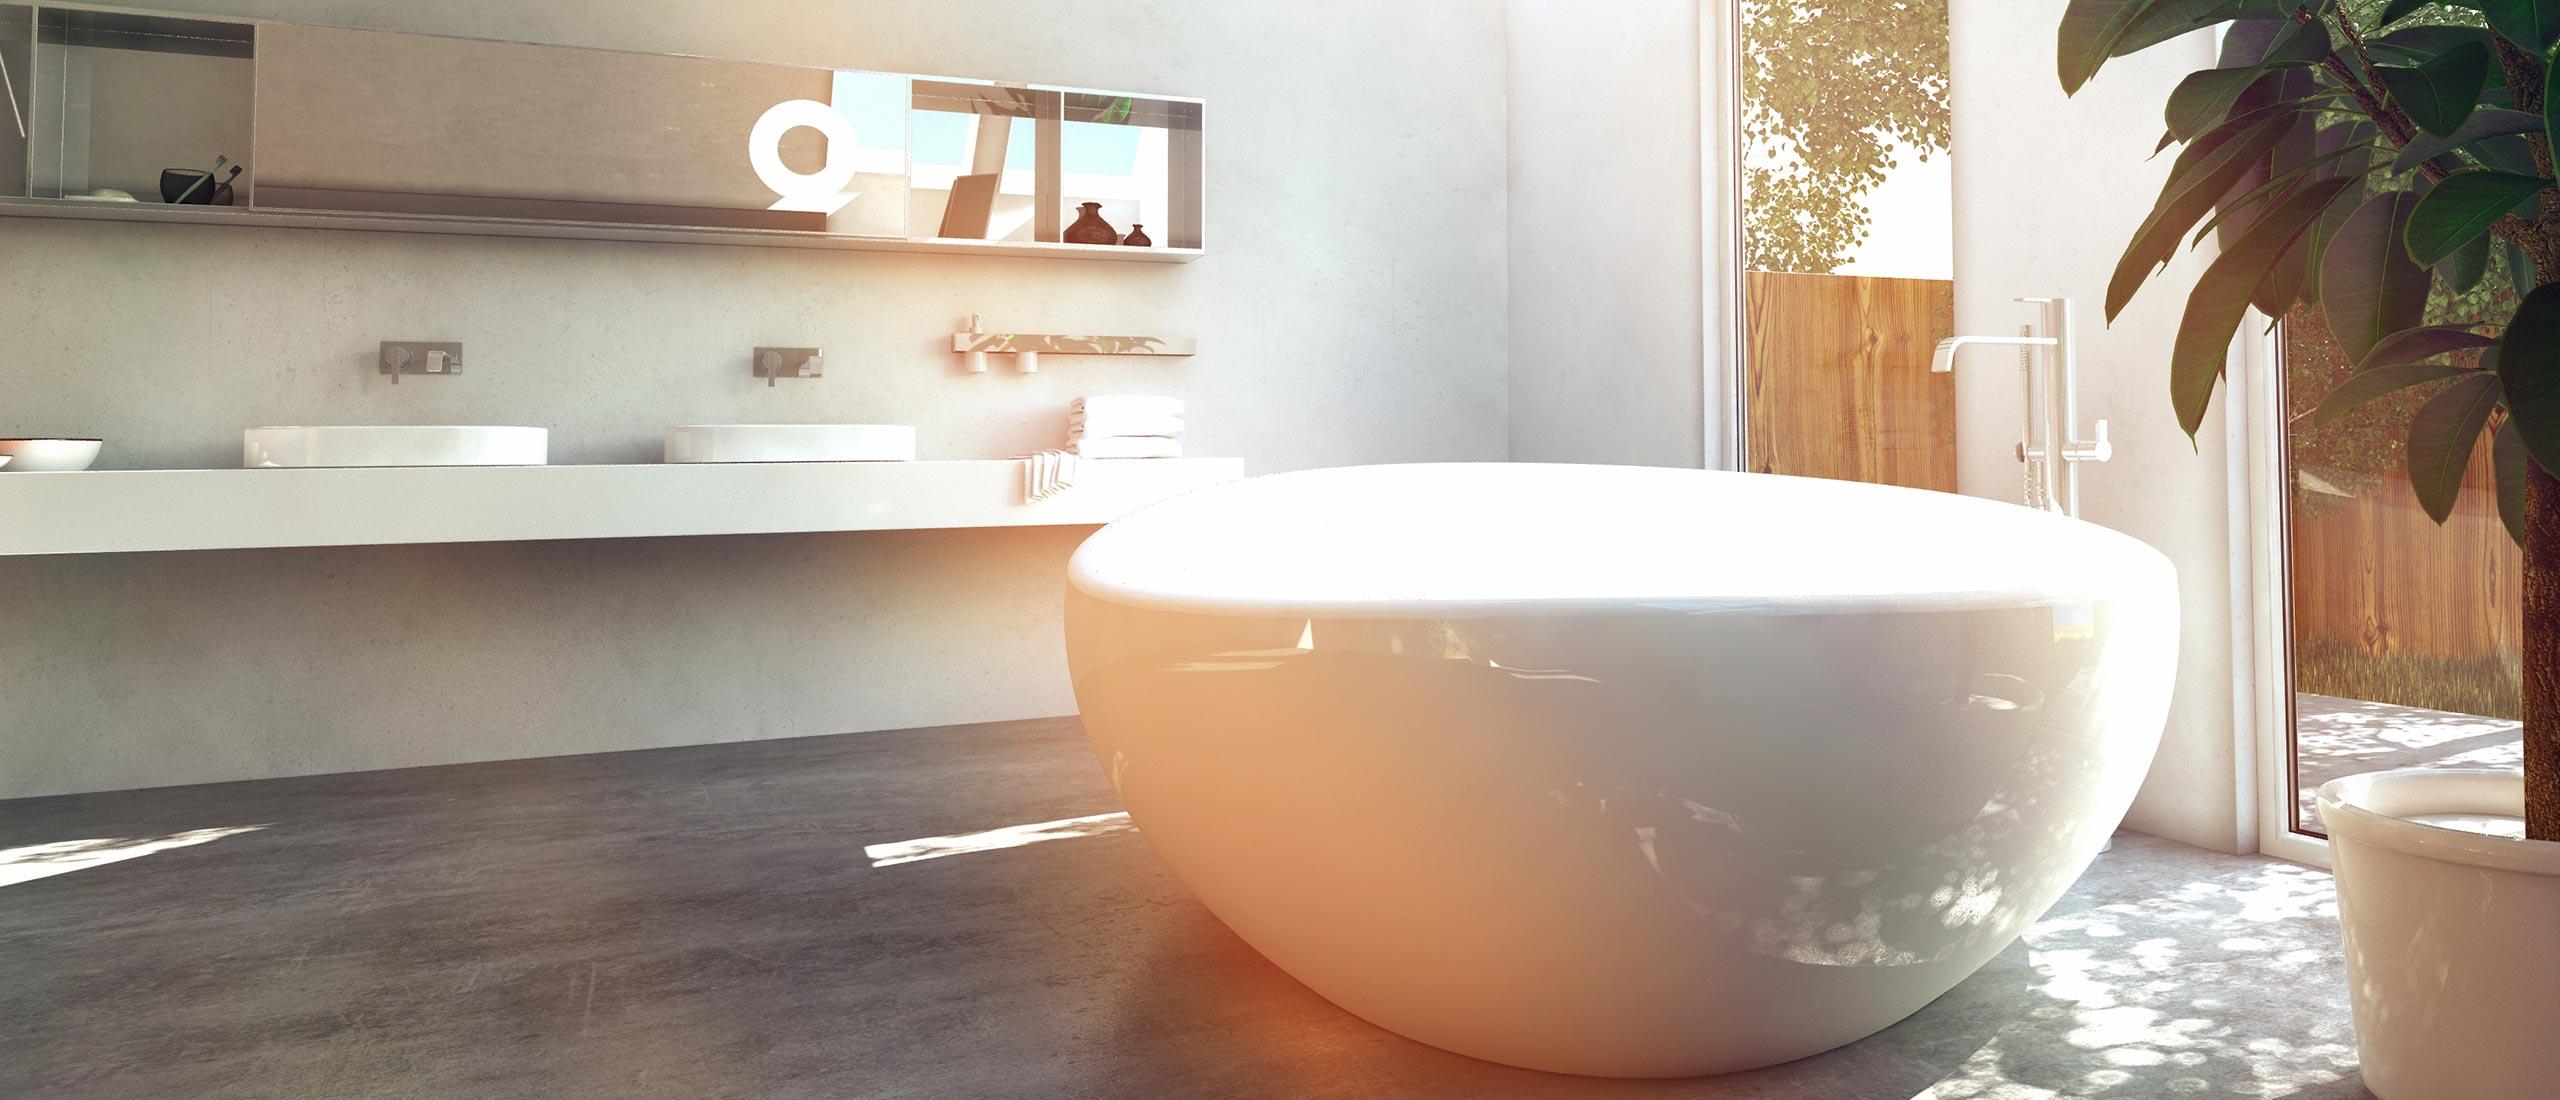 badkamermeubels en spiegelkasten plaatsen rondom dalen coevorden